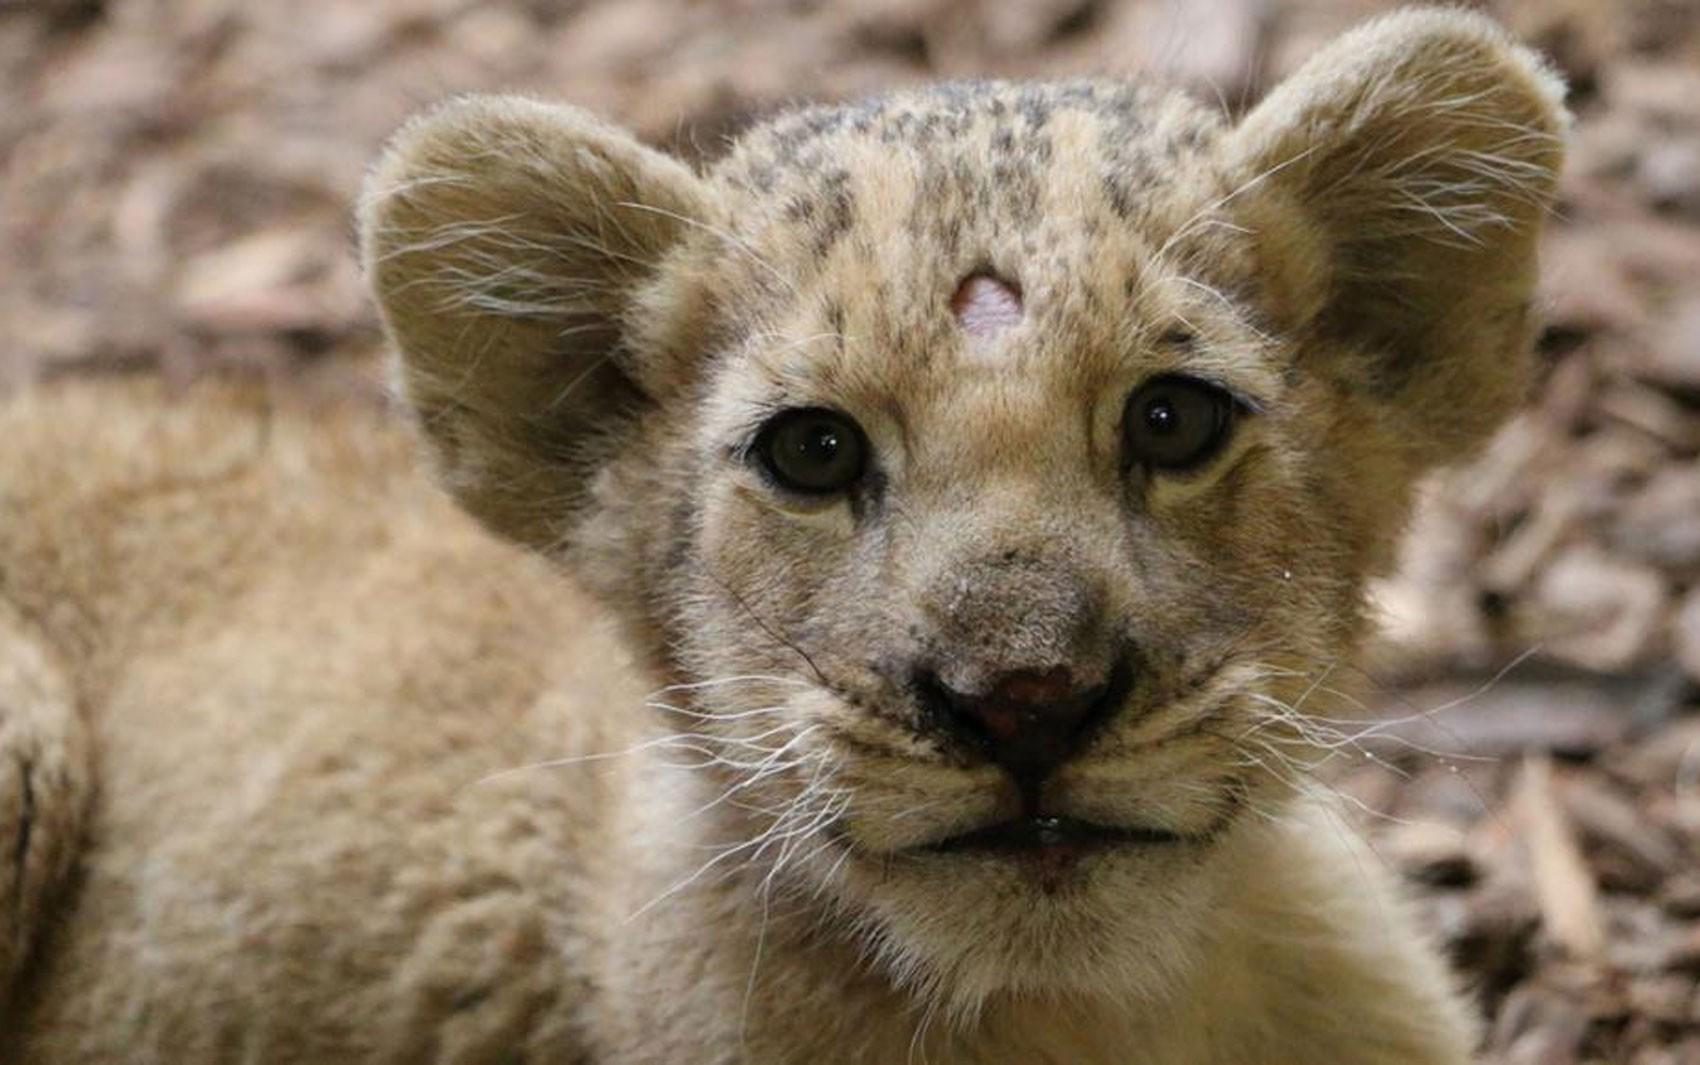 Turismo e selfies com filhotes de leão se multiplicam na França e alertam autoridades